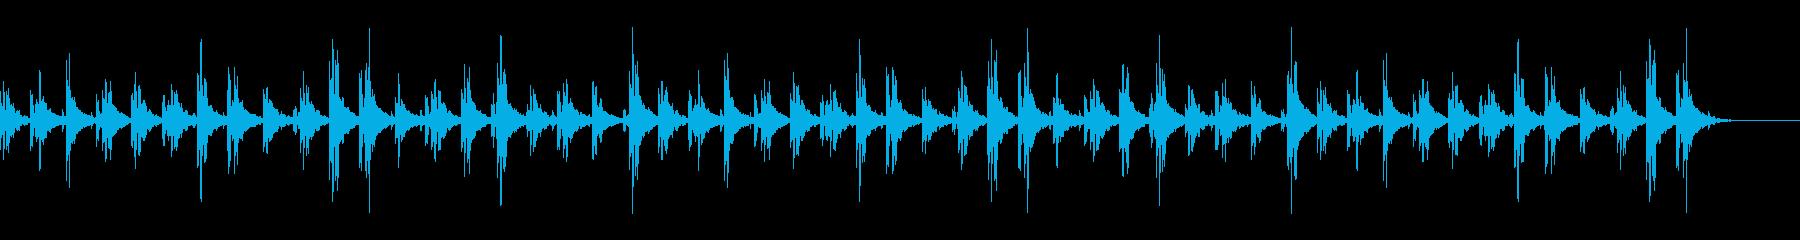 宇宙空間を漂う雰囲気のアンビエントBGMの再生済みの波形